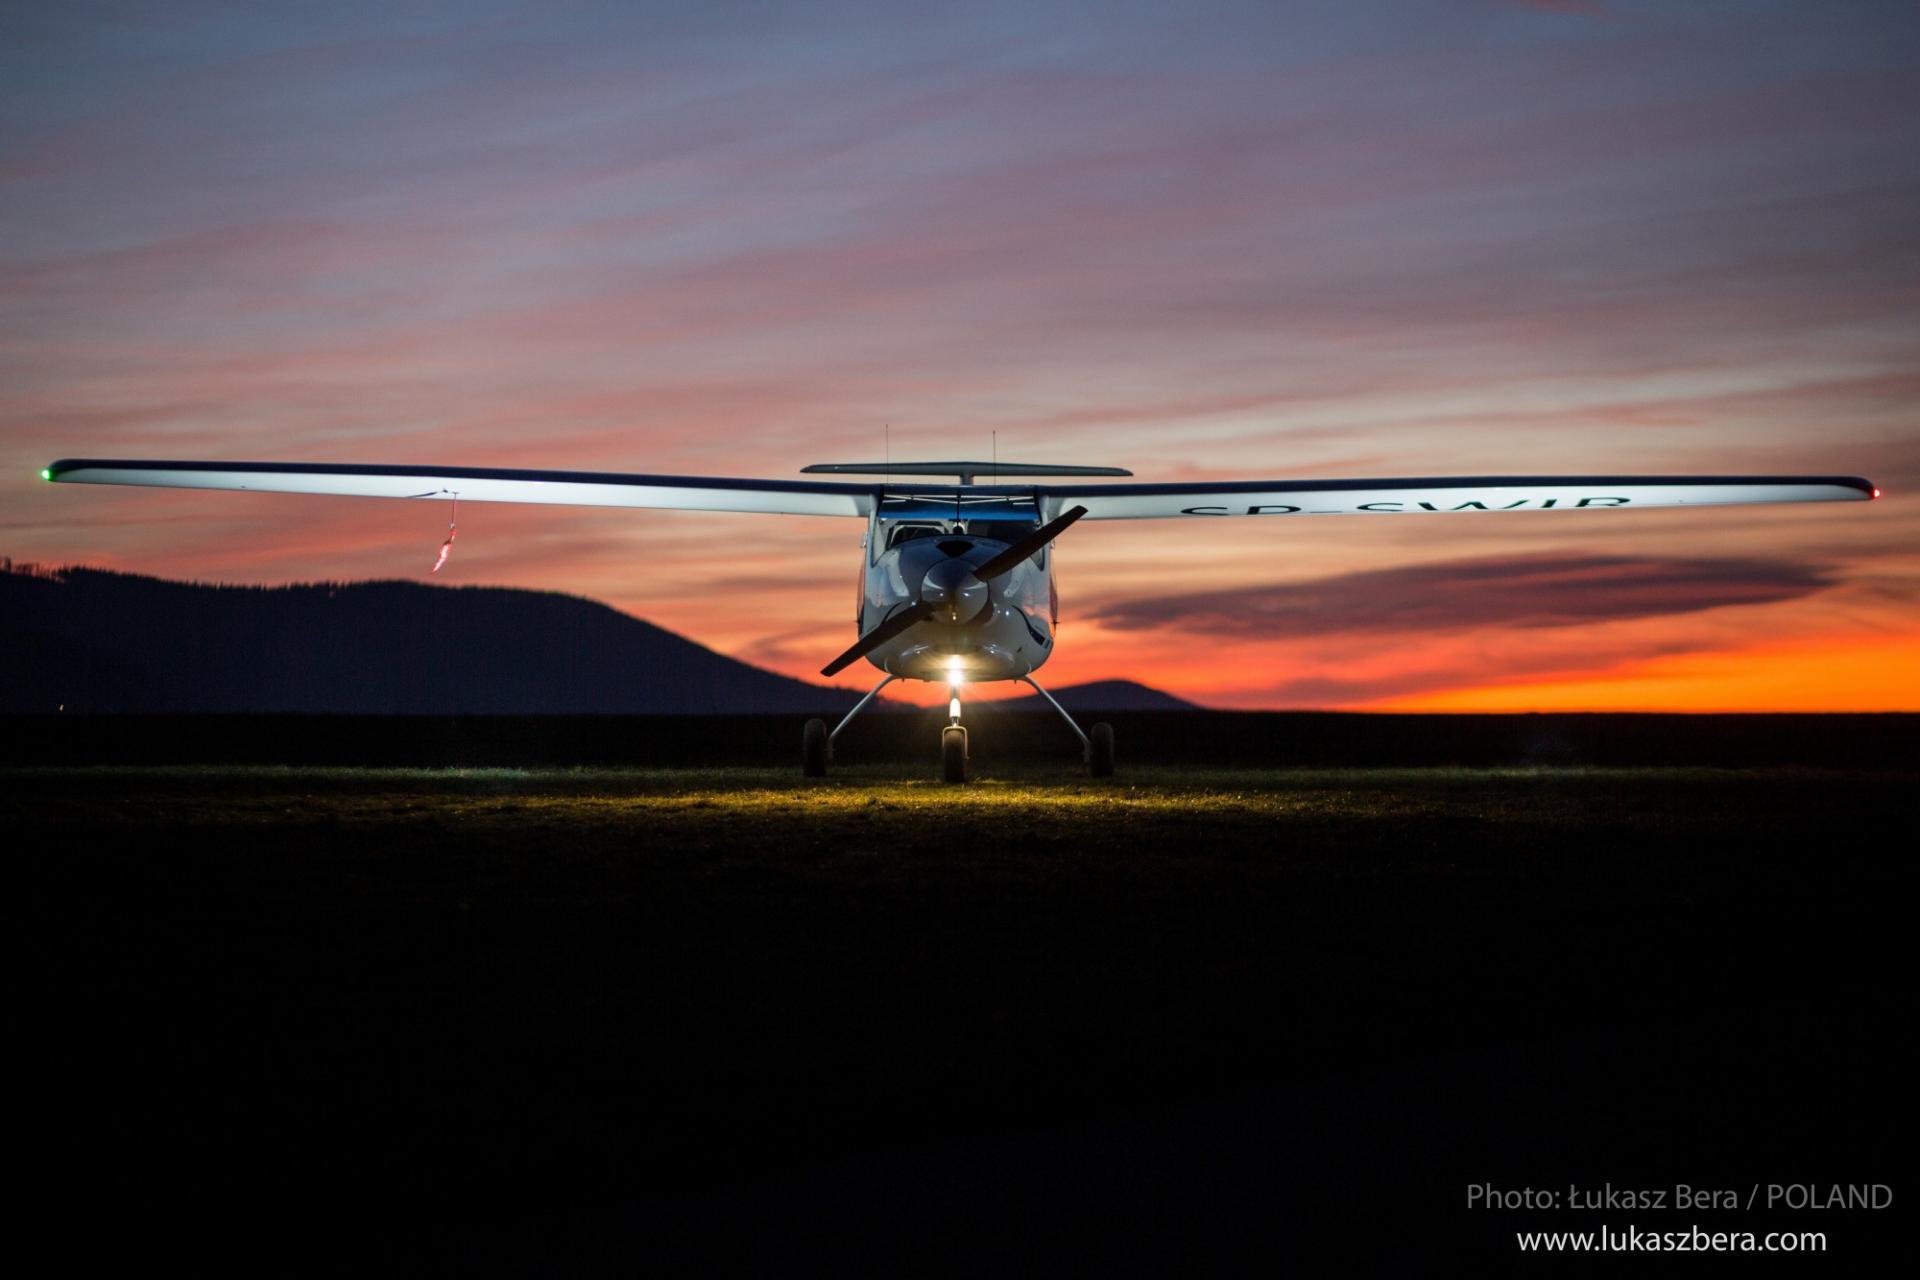 Samolot rekreacyjno - treningowy Alpha Trainer